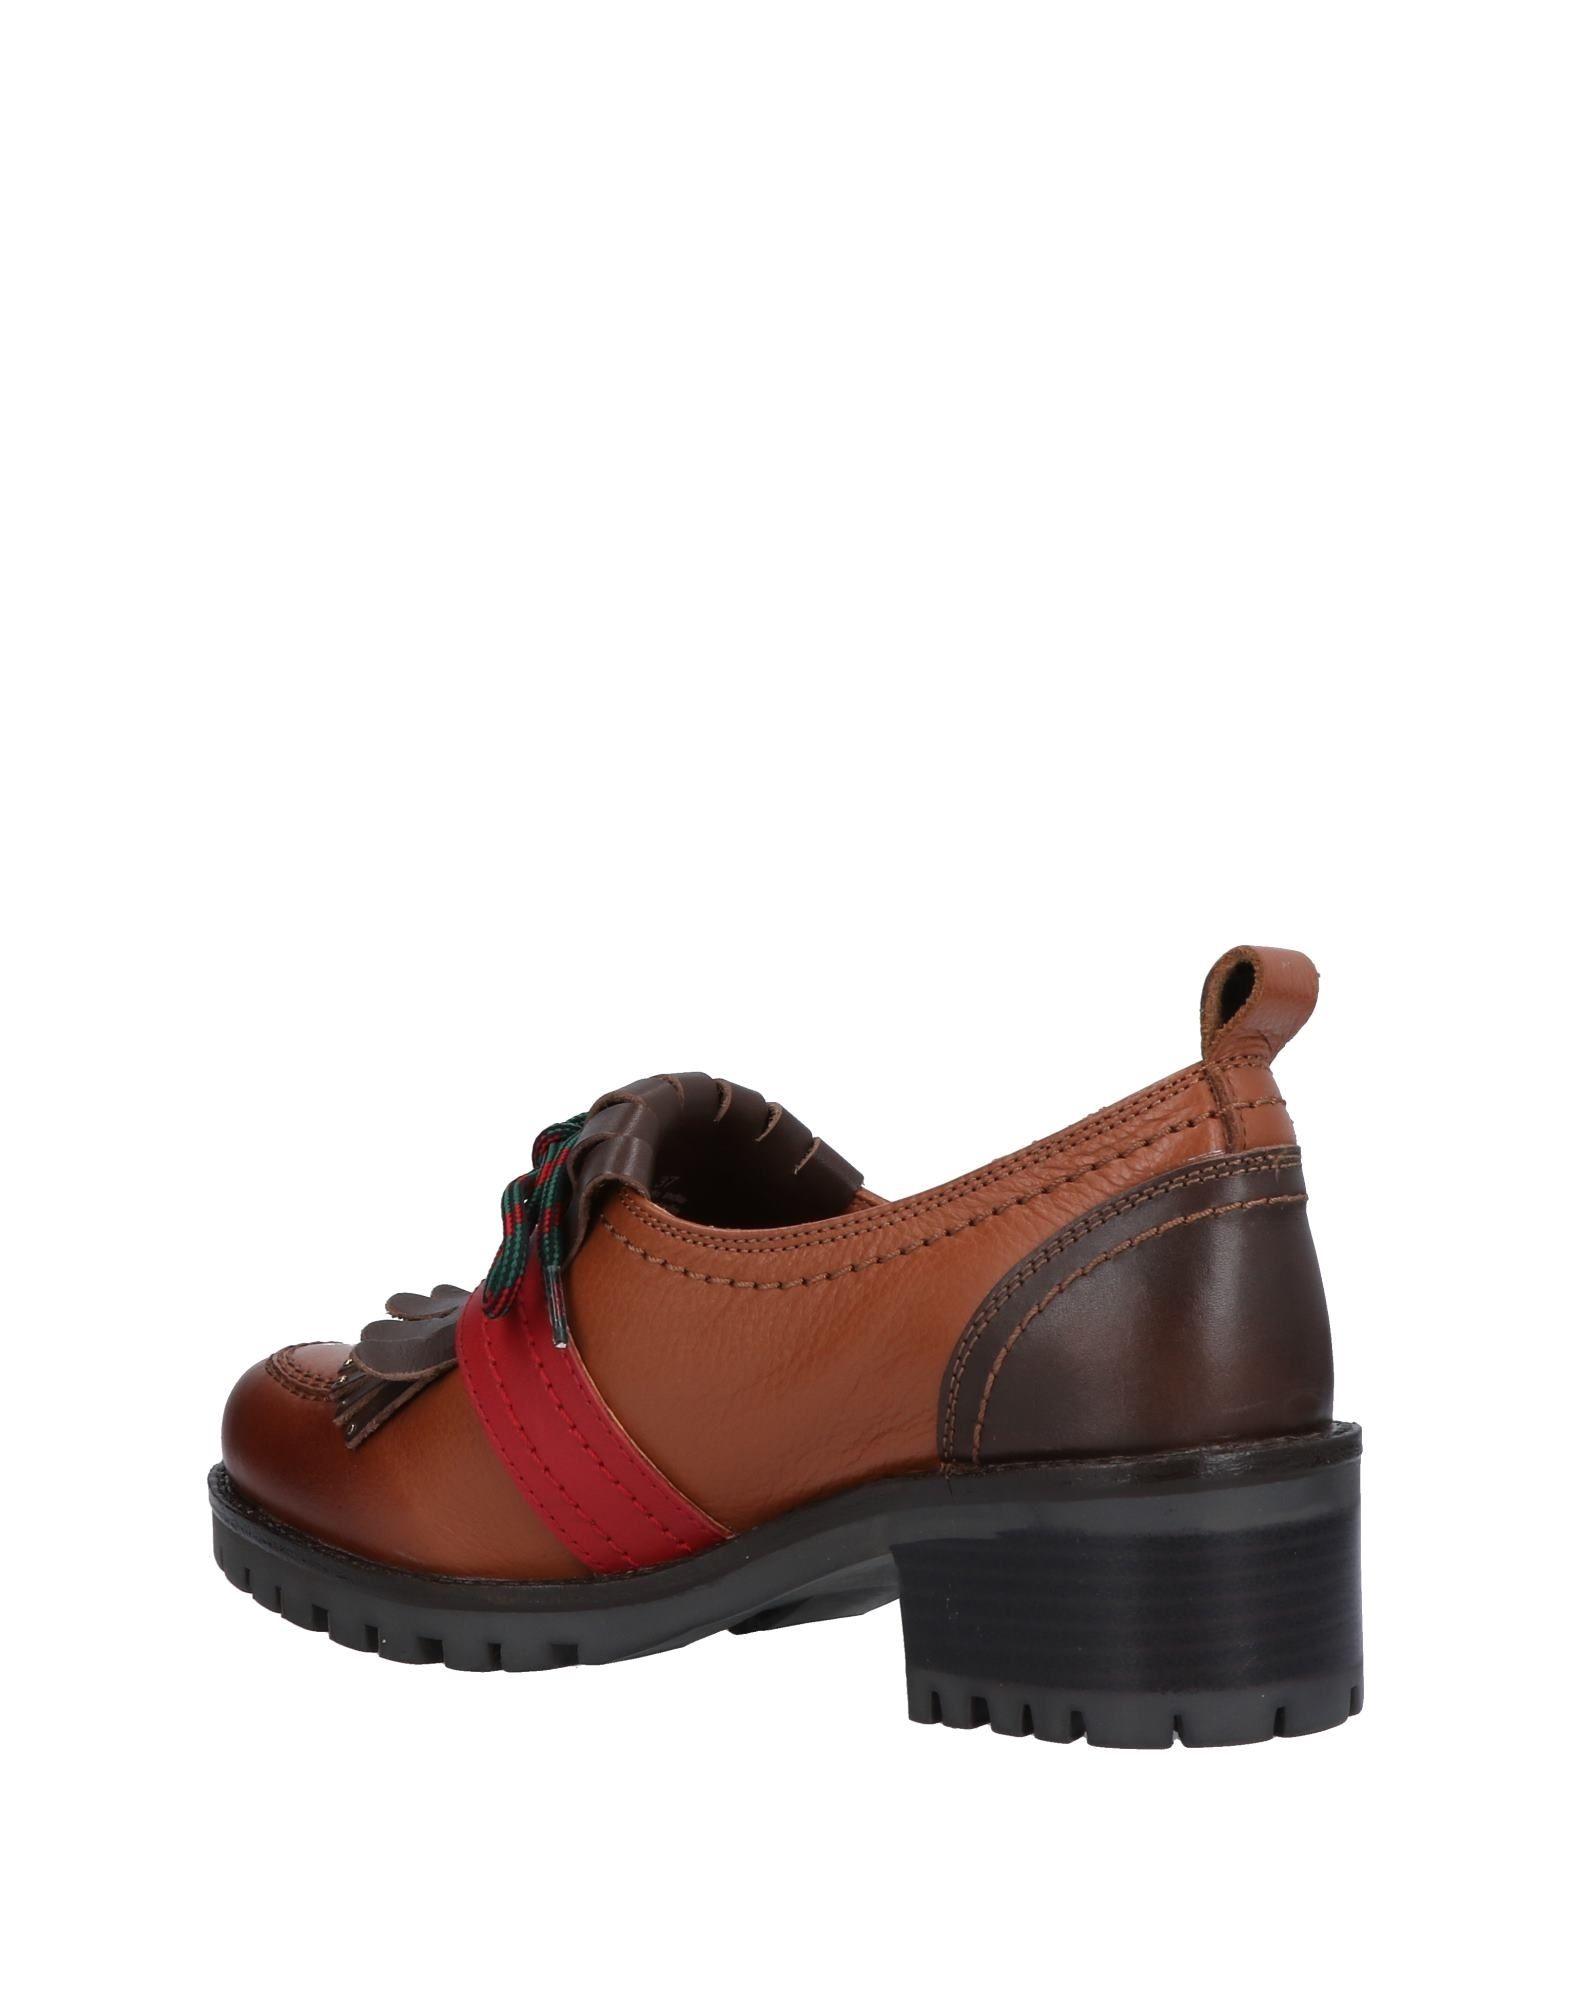 Gioseppo Mokassins Qualität Damen  11461779KT Gute Qualität Mokassins beliebte Schuhe c6e429